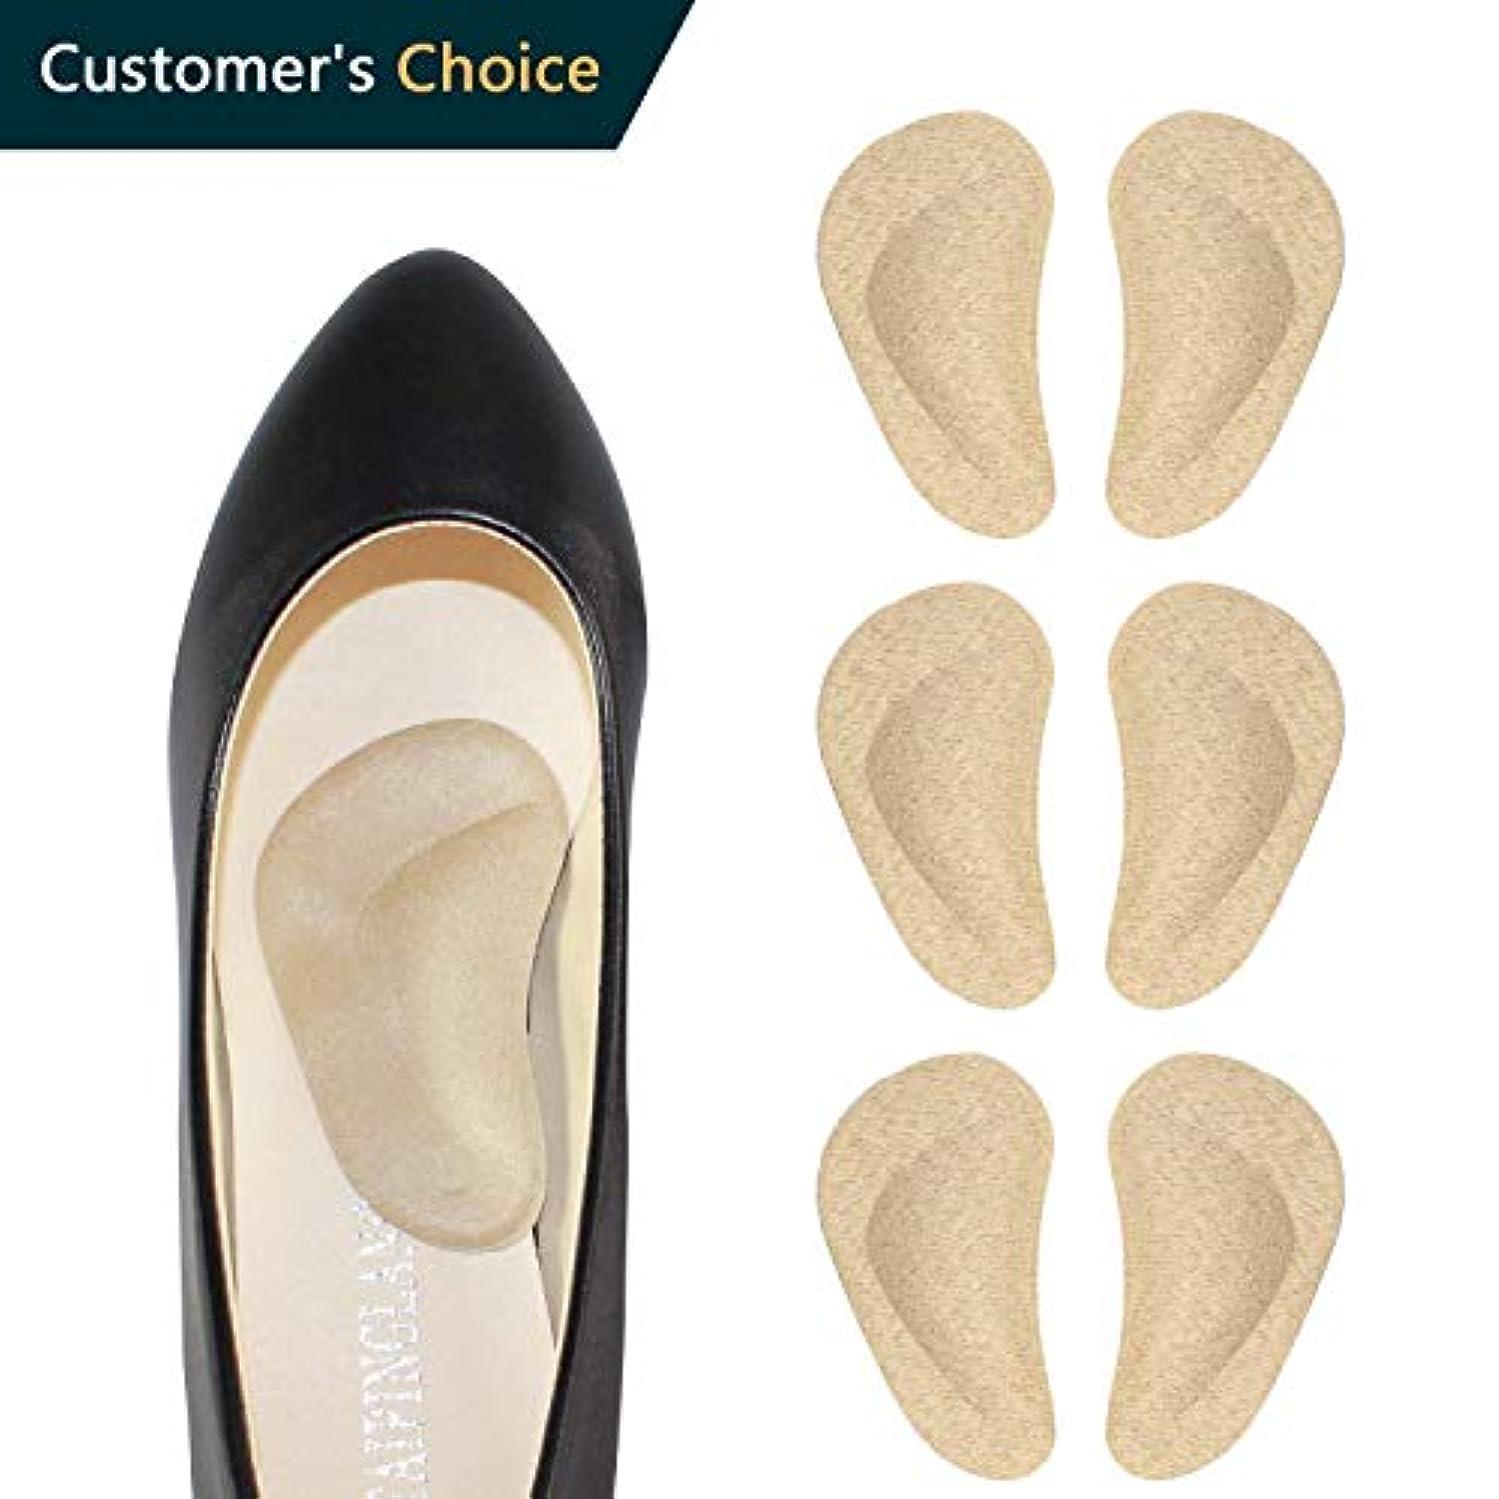 ENERFOOTヒールクッションが大きすぎる靴用の靴パッドを挿入します、靴ヒールパッドヒールグリップライナーミックス快適な靴ヒール用プロテクター